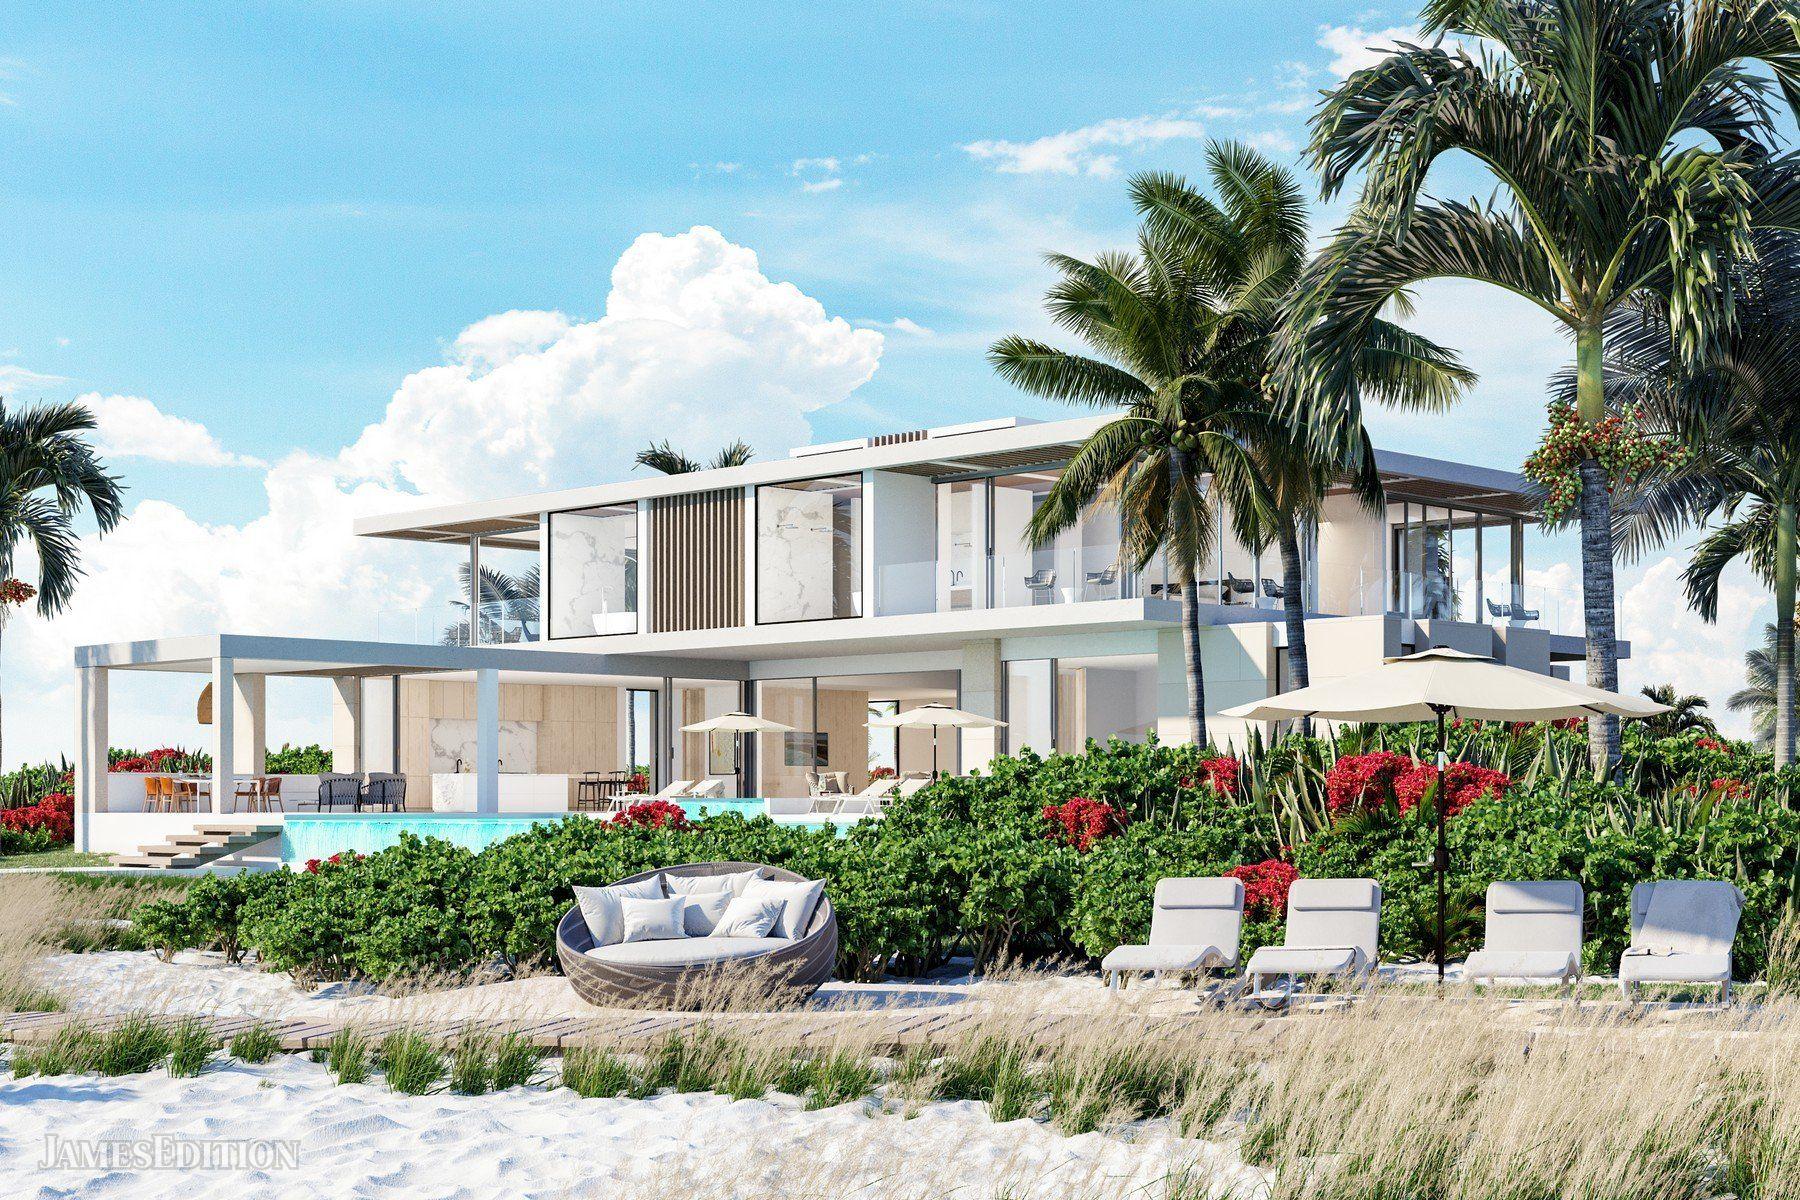 Дом в Ливард Сетлемент, Caicos Islands, Острова Теркс и Кайкос 1 - 10964076